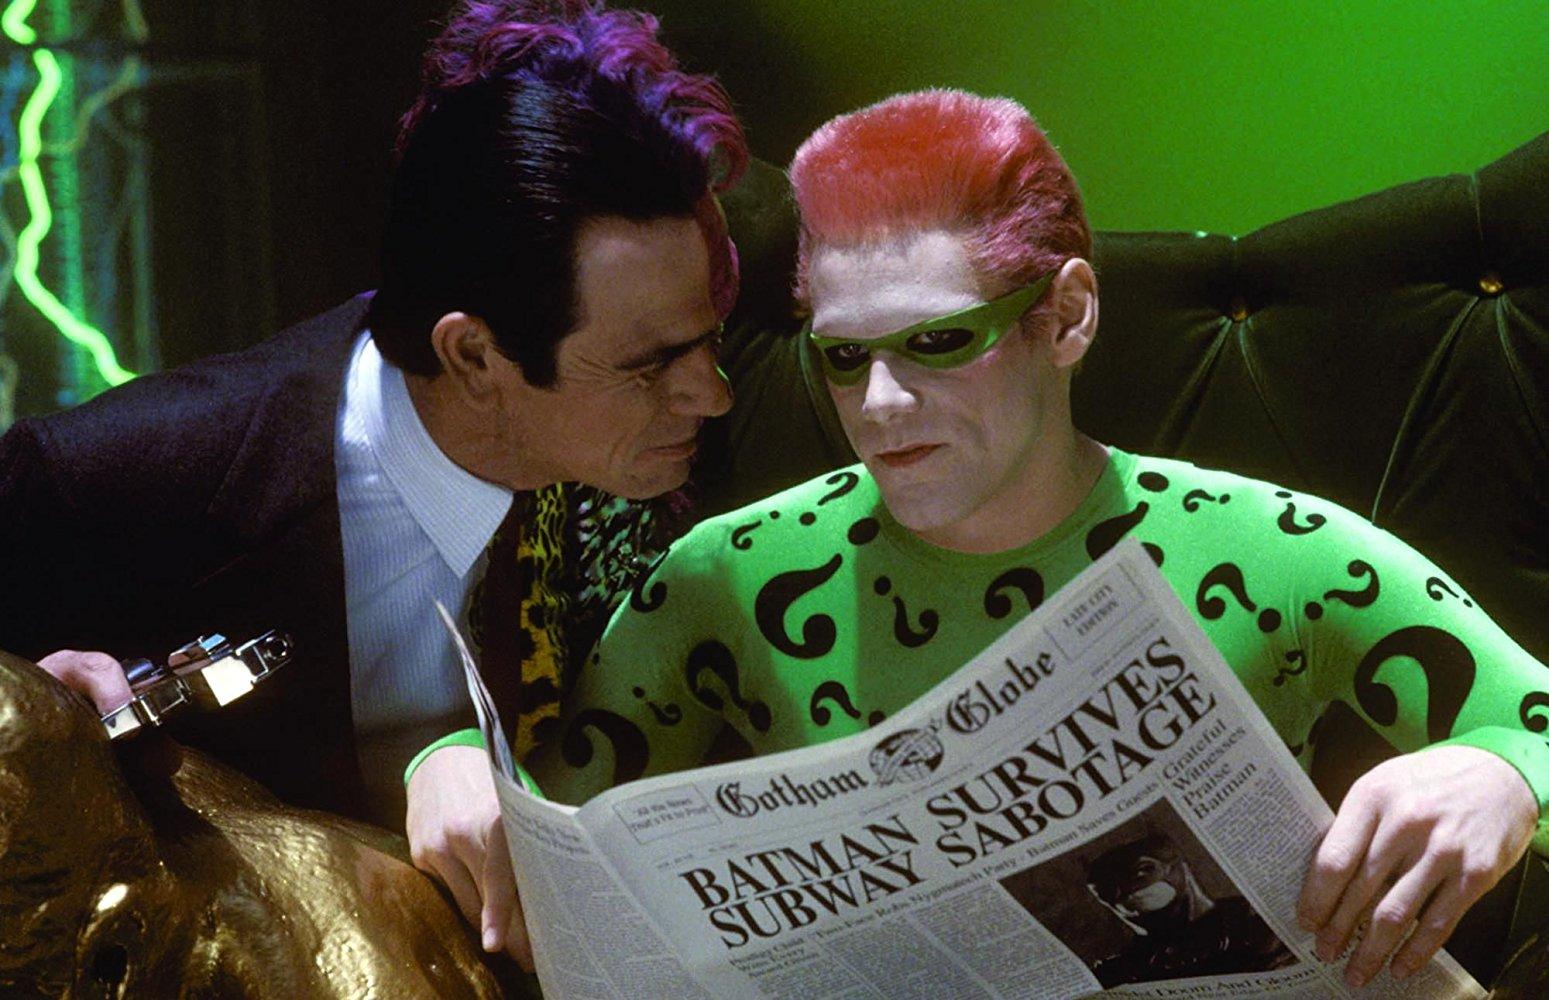 Still from Batman Forever (1995)